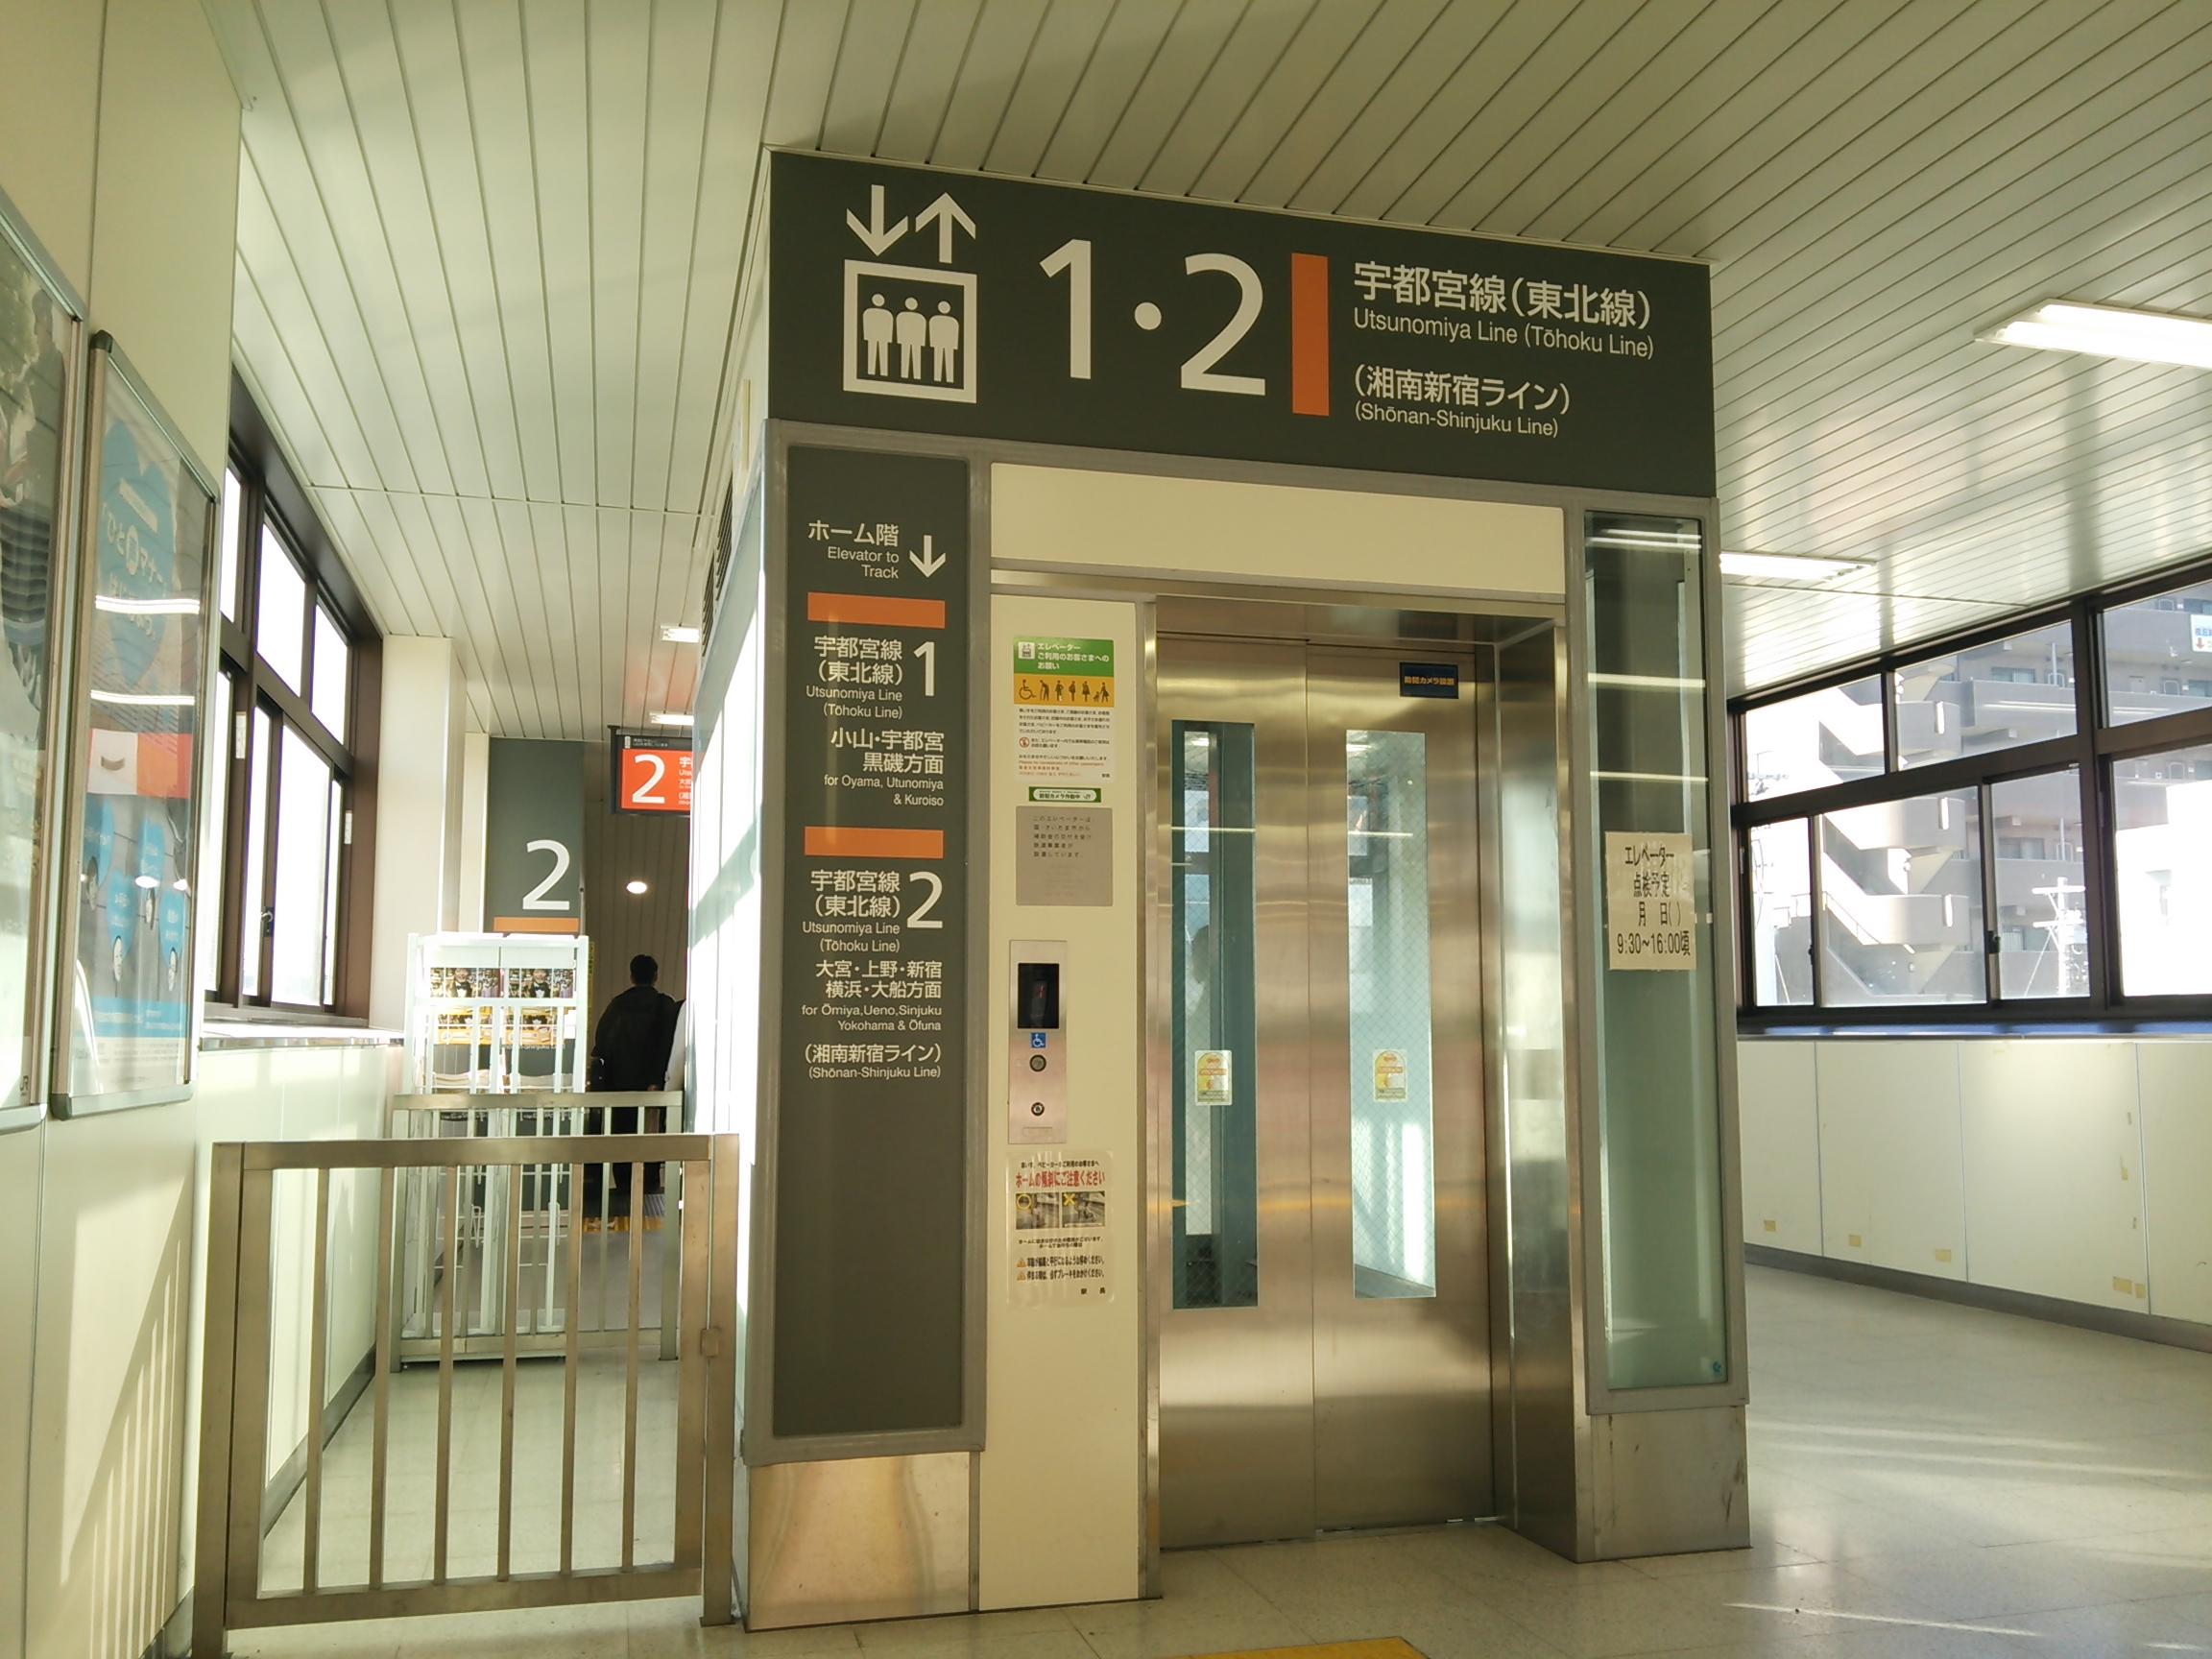 駅のエレベーター